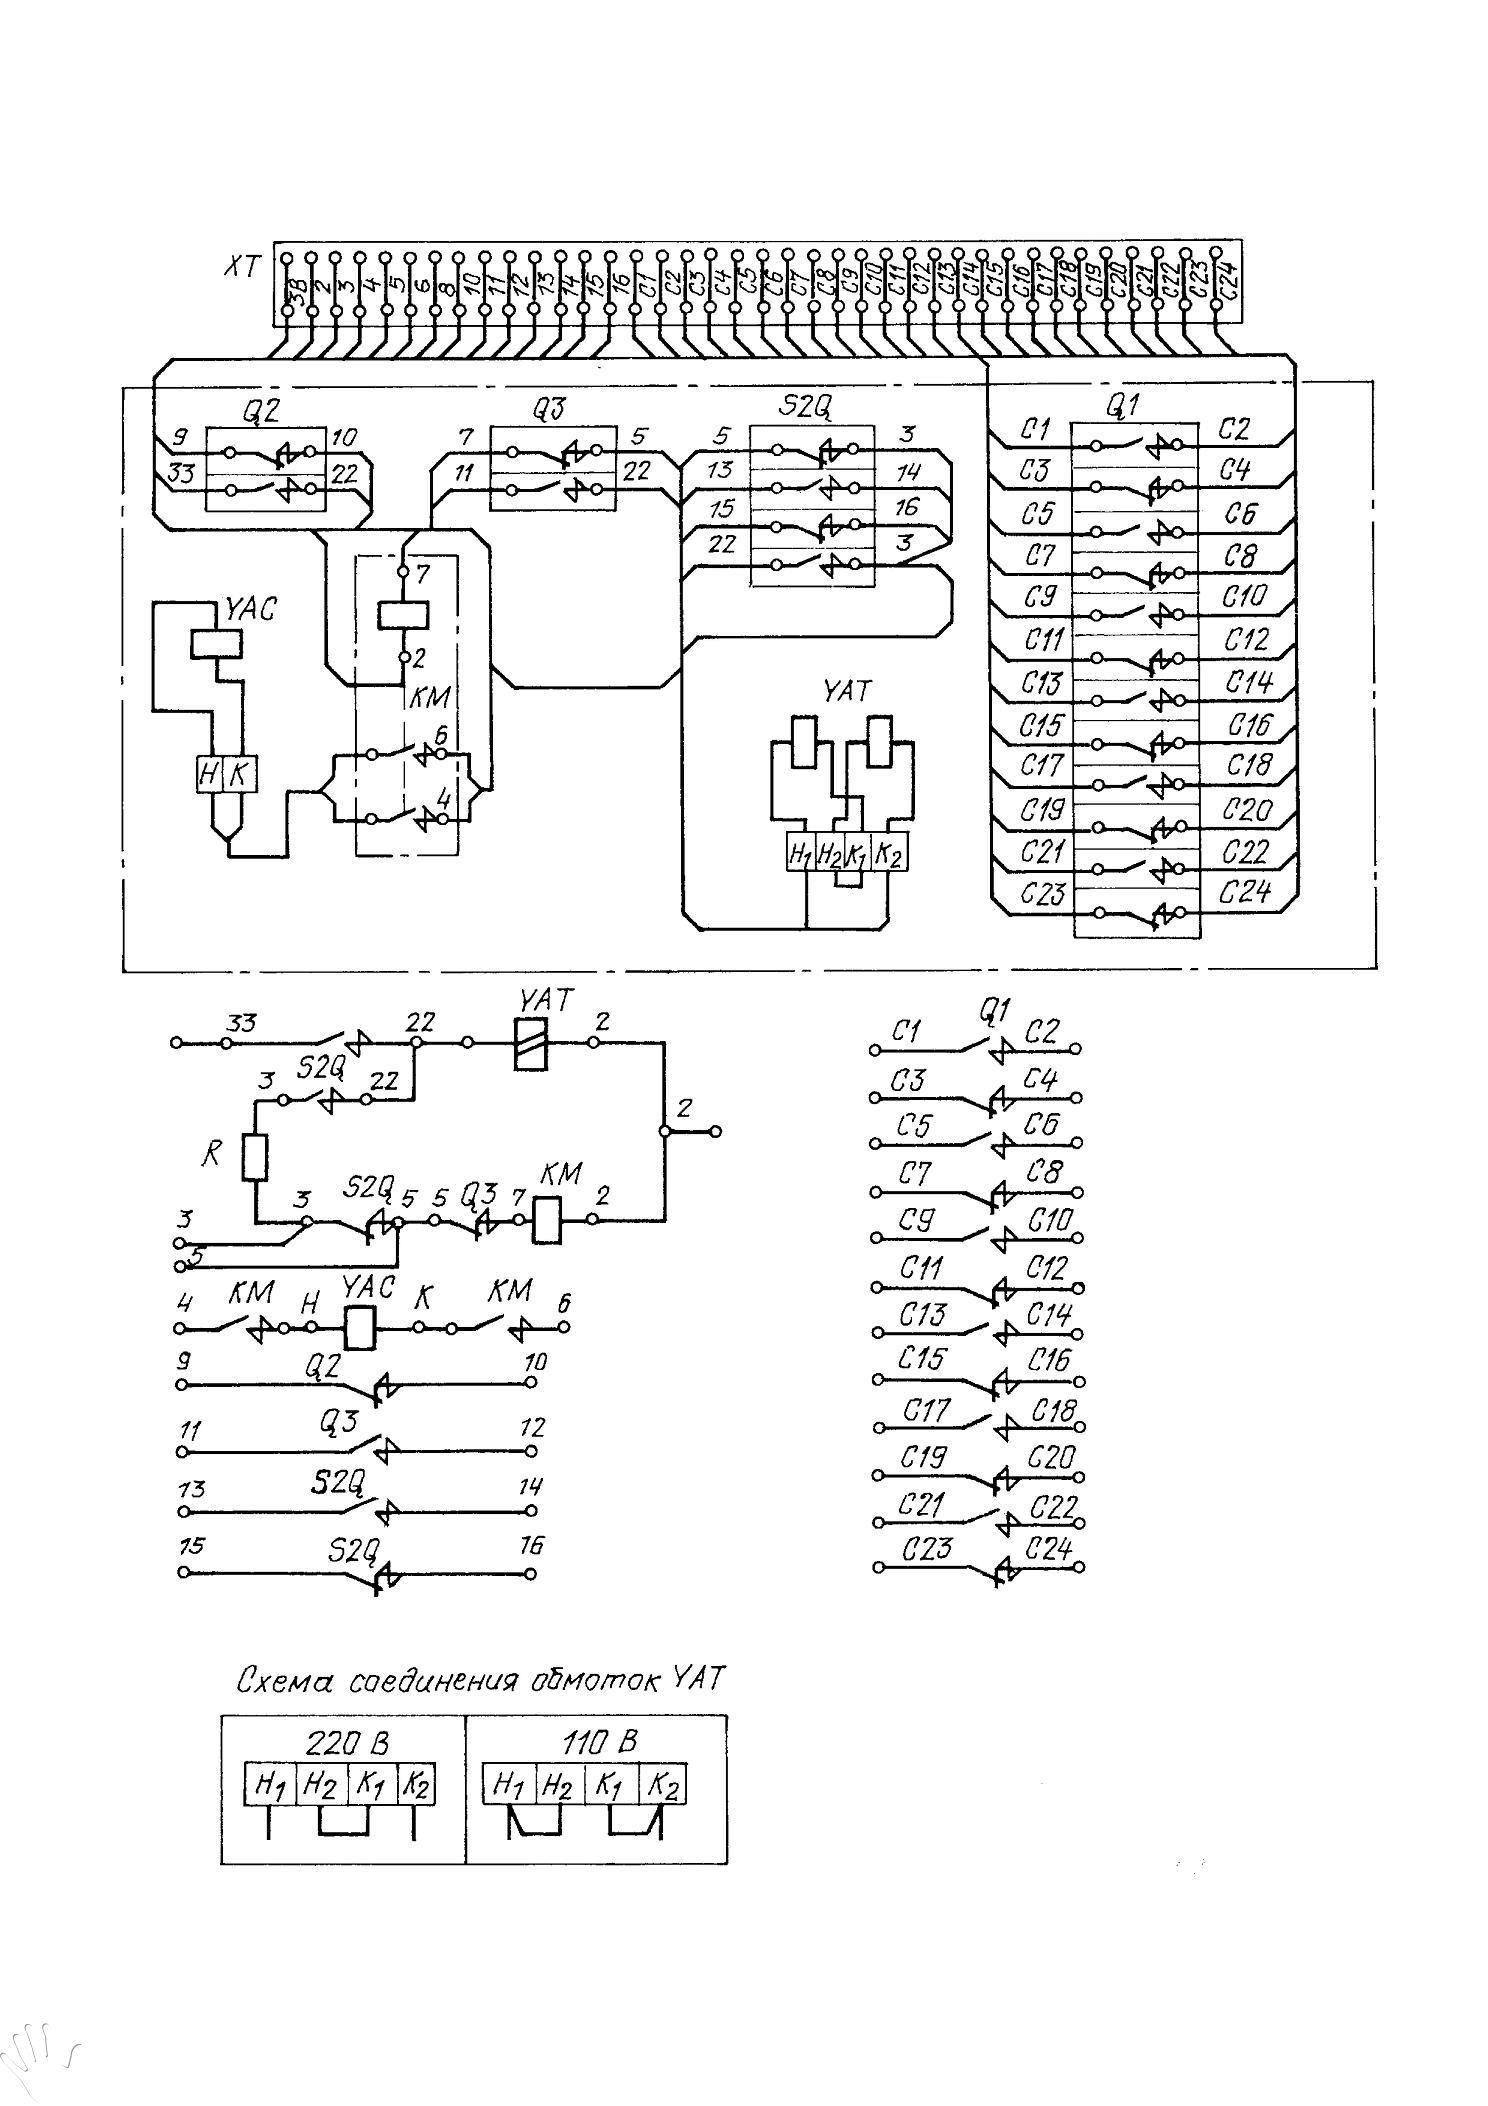 схема параллельной работы двух выключателей